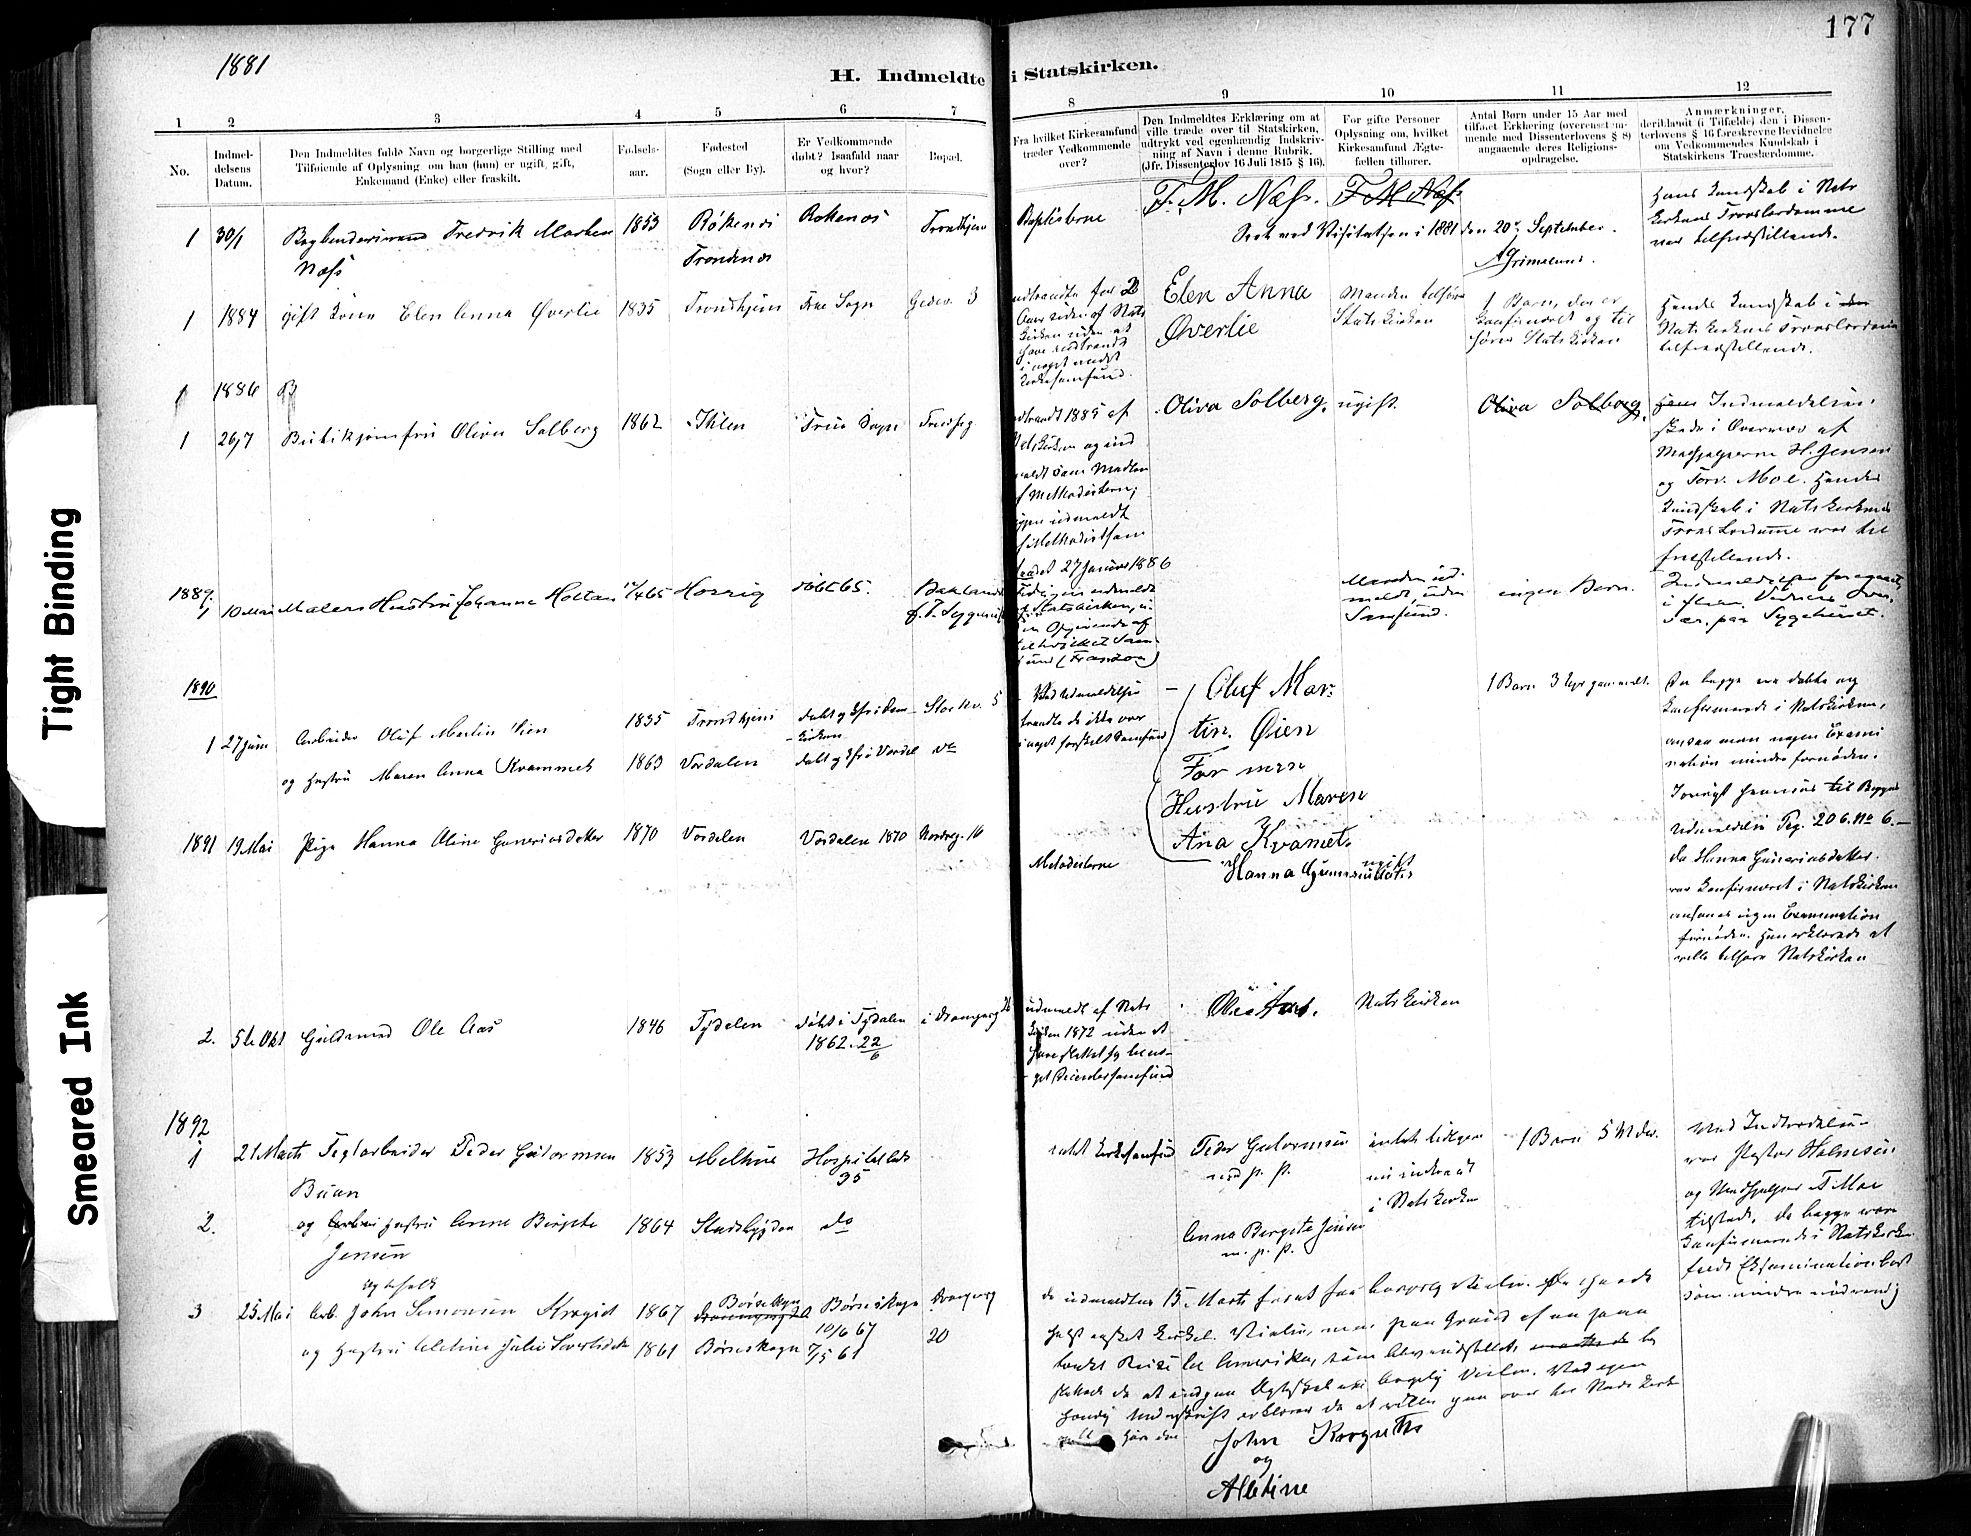 SAT, Ministerialprotokoller, klokkerbøker og fødselsregistre - Sør-Trøndelag, 602/L0120: Ministerialbok nr. 602A18, 1880-1913, s. 177